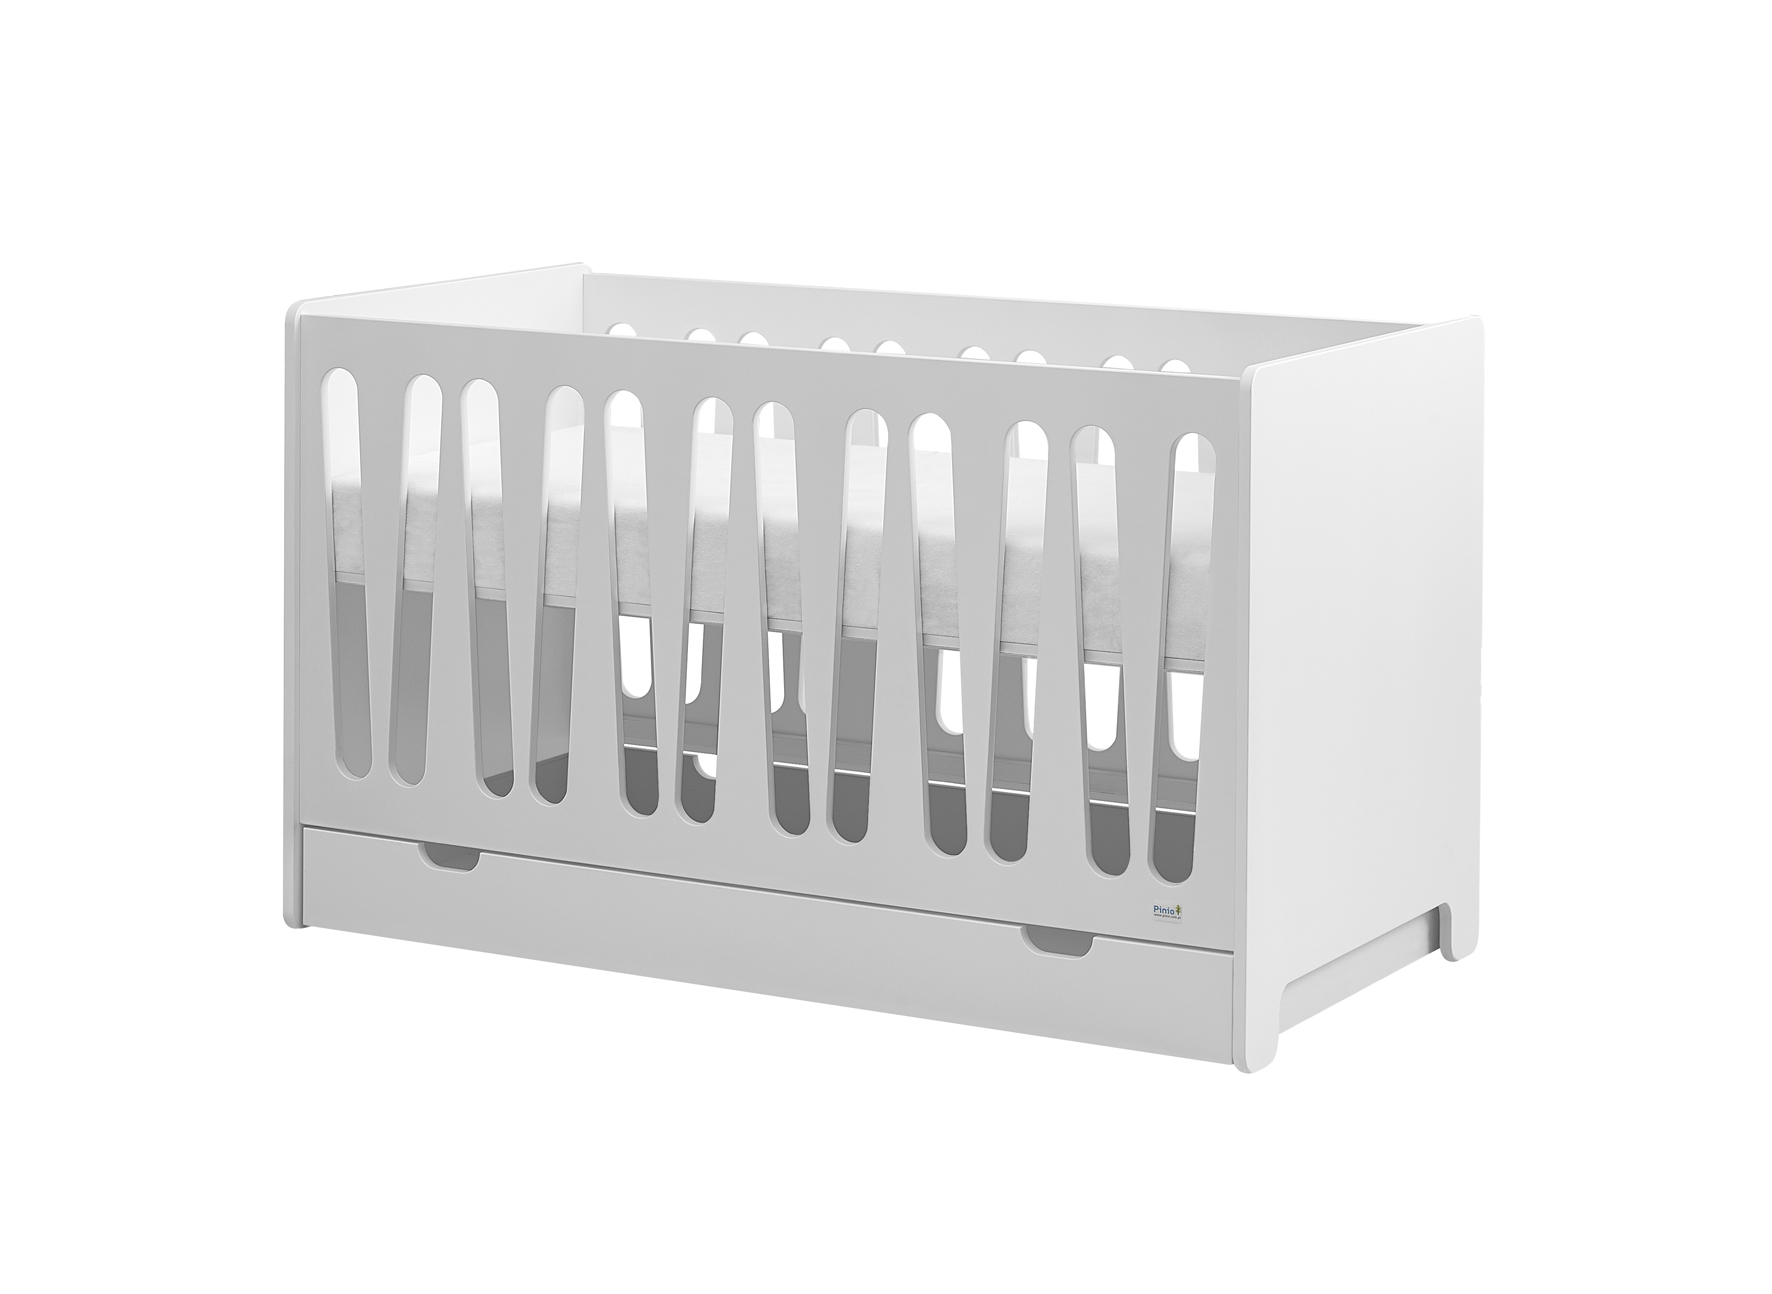 PINIO Moon 4 meubles lit 140x70 mode 2 tiroirs armoire 2